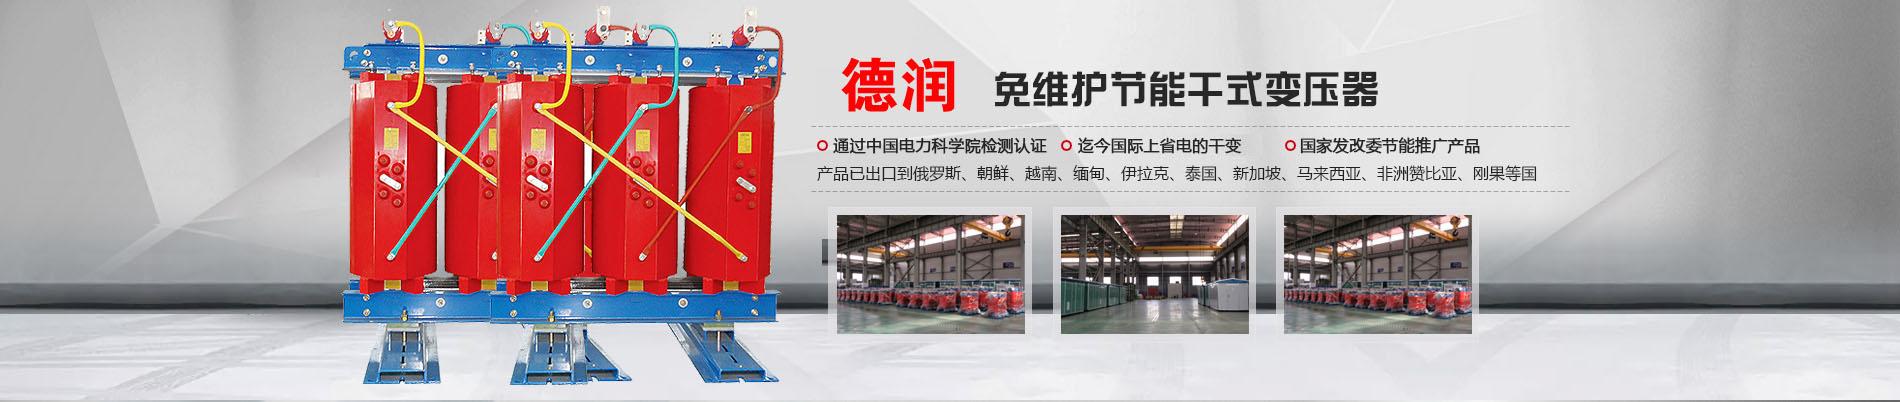 深圳干式变压器厂家